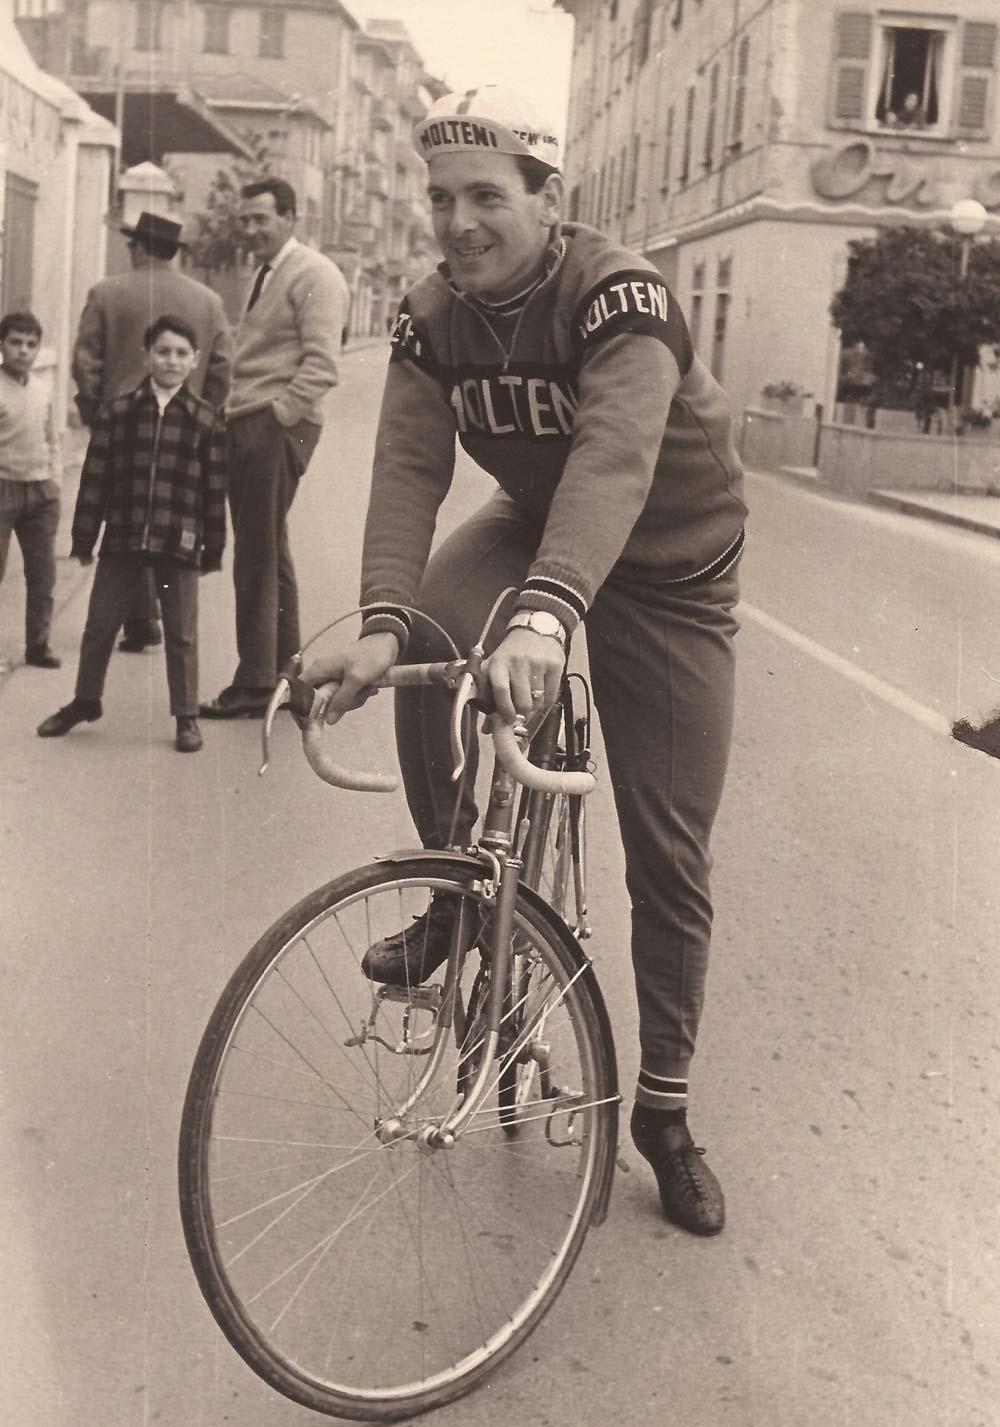 Trento, utcakép. Profi edzésre indul. Egész pontosan 1961-ben járunk, ez már a Merckx-ről is ismert aranybarna ancúg, a fekete sávban Molteni felirattal. A mackóalj szárának közepére varrt borda, biztos a légellenállás miatt… Széles passzé és a sárvédő is átfér végre a villa alatt. A hatvanas évek elején a profi kerékpárosnak lenni is csak egy szakma volt a többi között